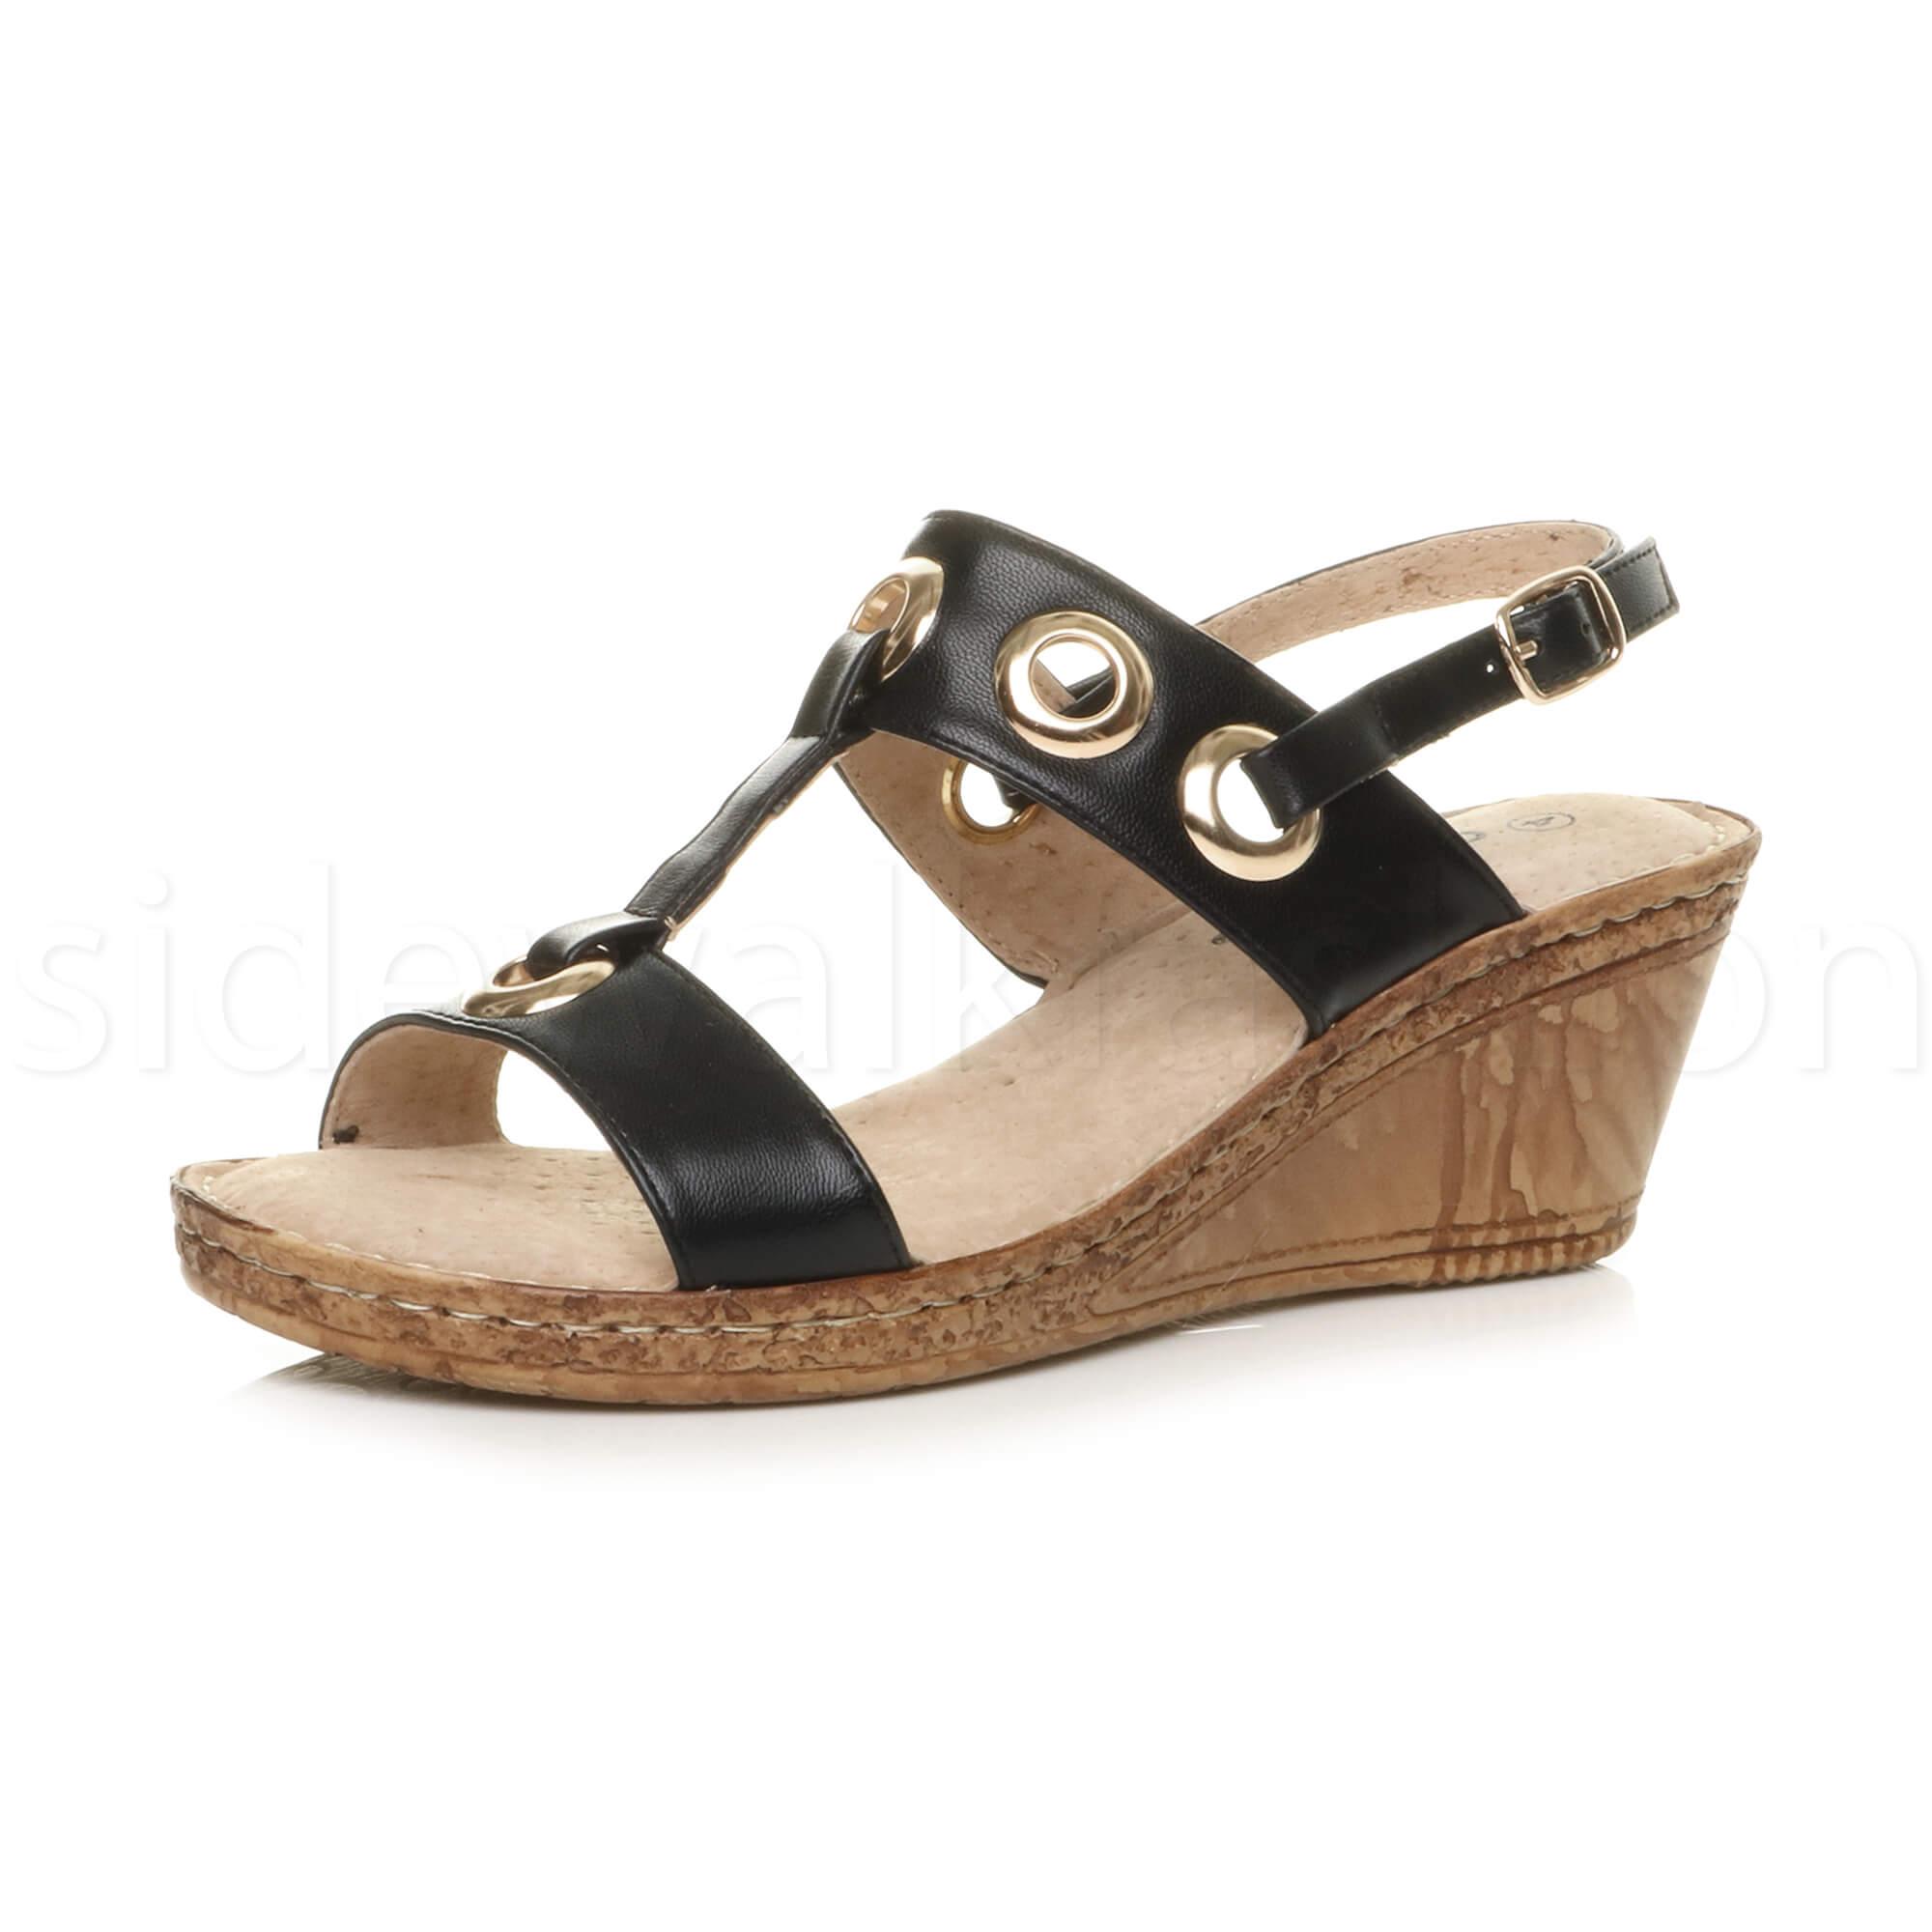 comfort b stores italian zm p treena shoemakers brown sh cf sandals stage comforter wedge